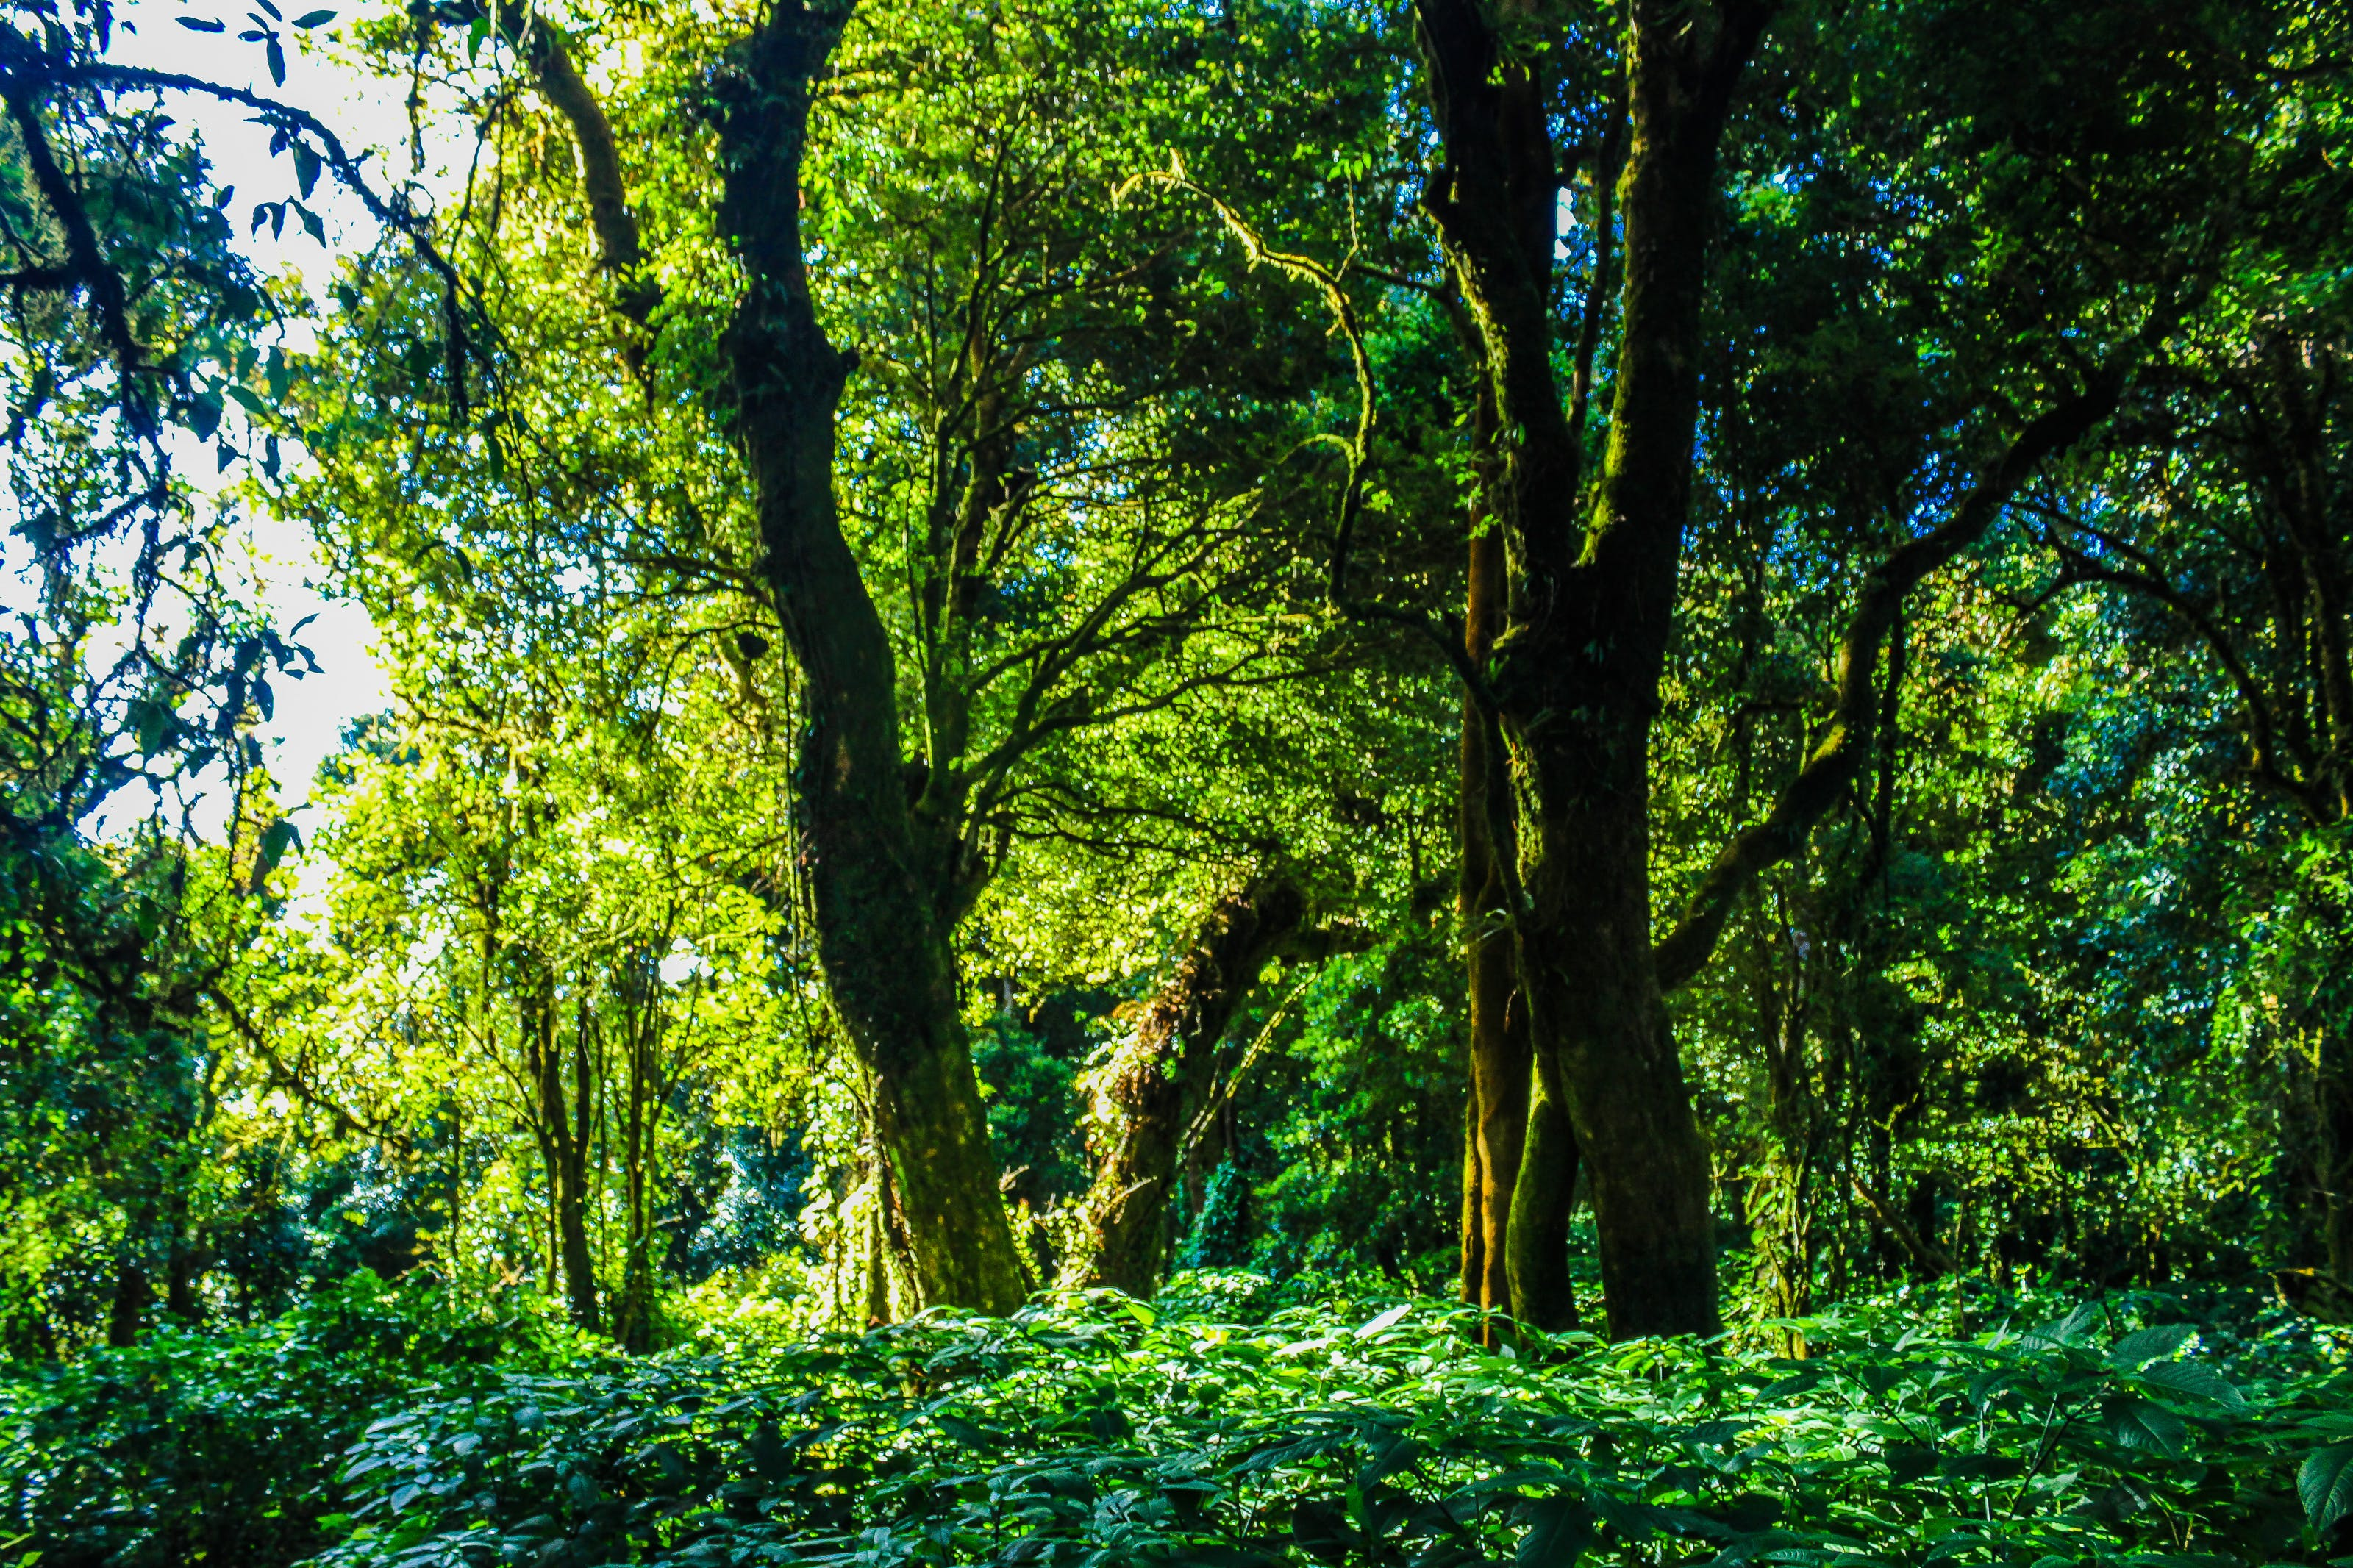 Δωρεάν στοκ φωτογραφιών με ανάπτυξη, γραφικός, δασικός, δέντρα